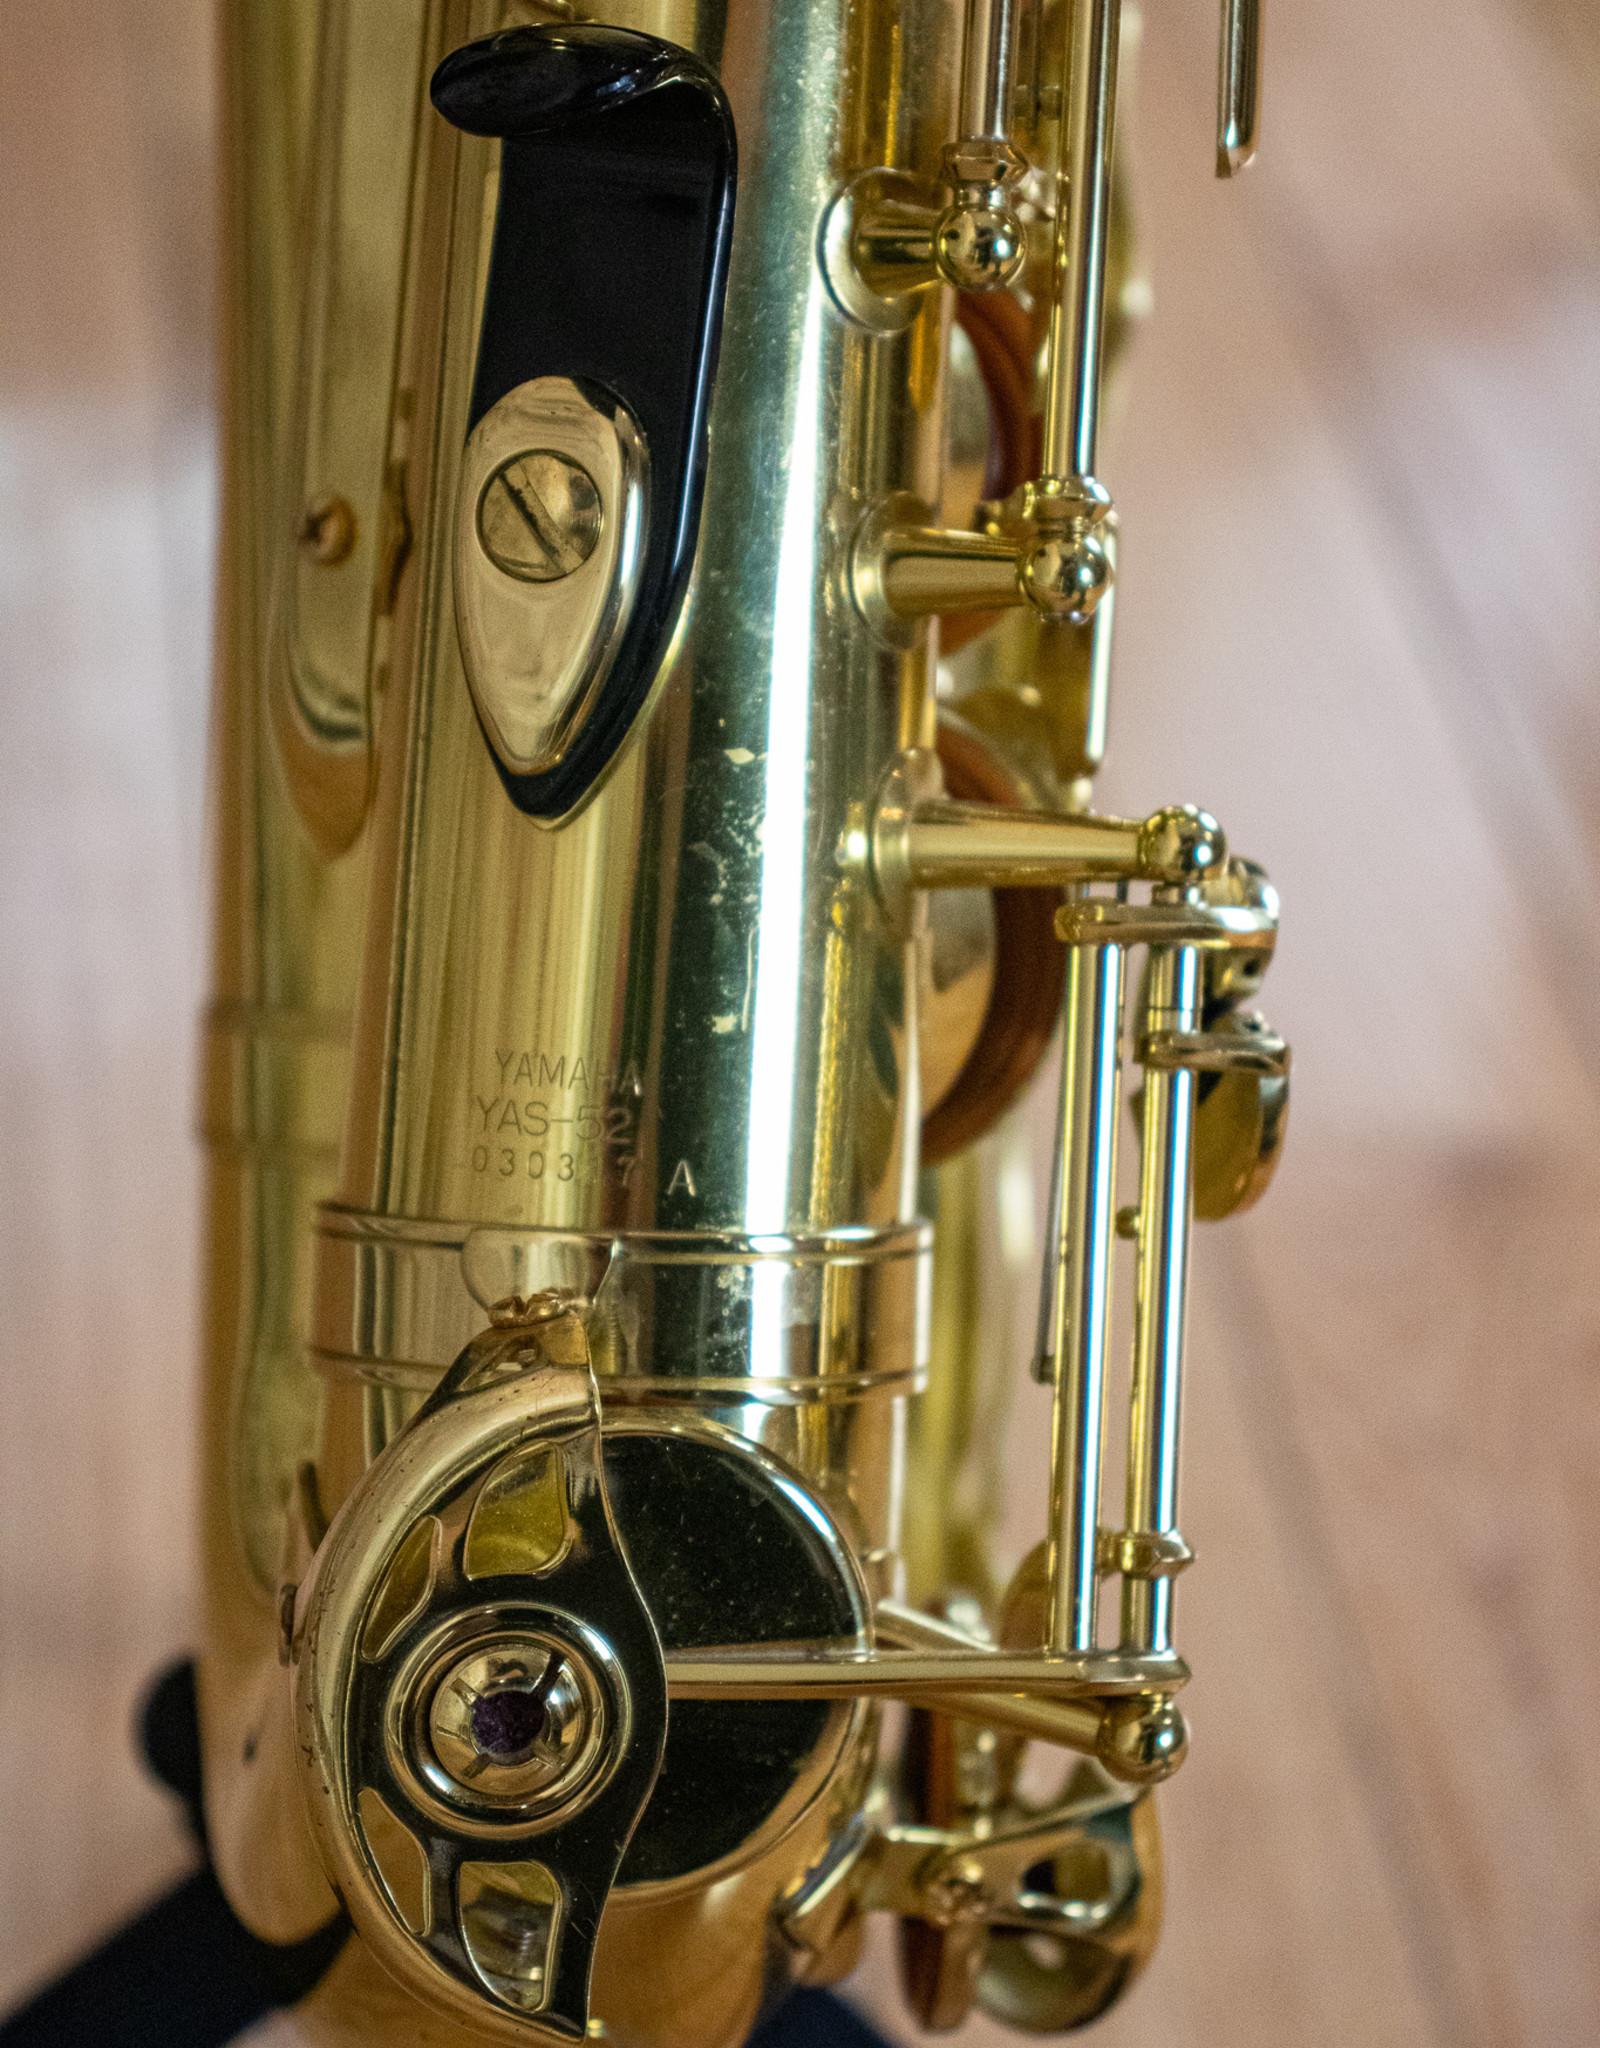 Yamaha Used Yamaha YAS-52 Alto Saxophone